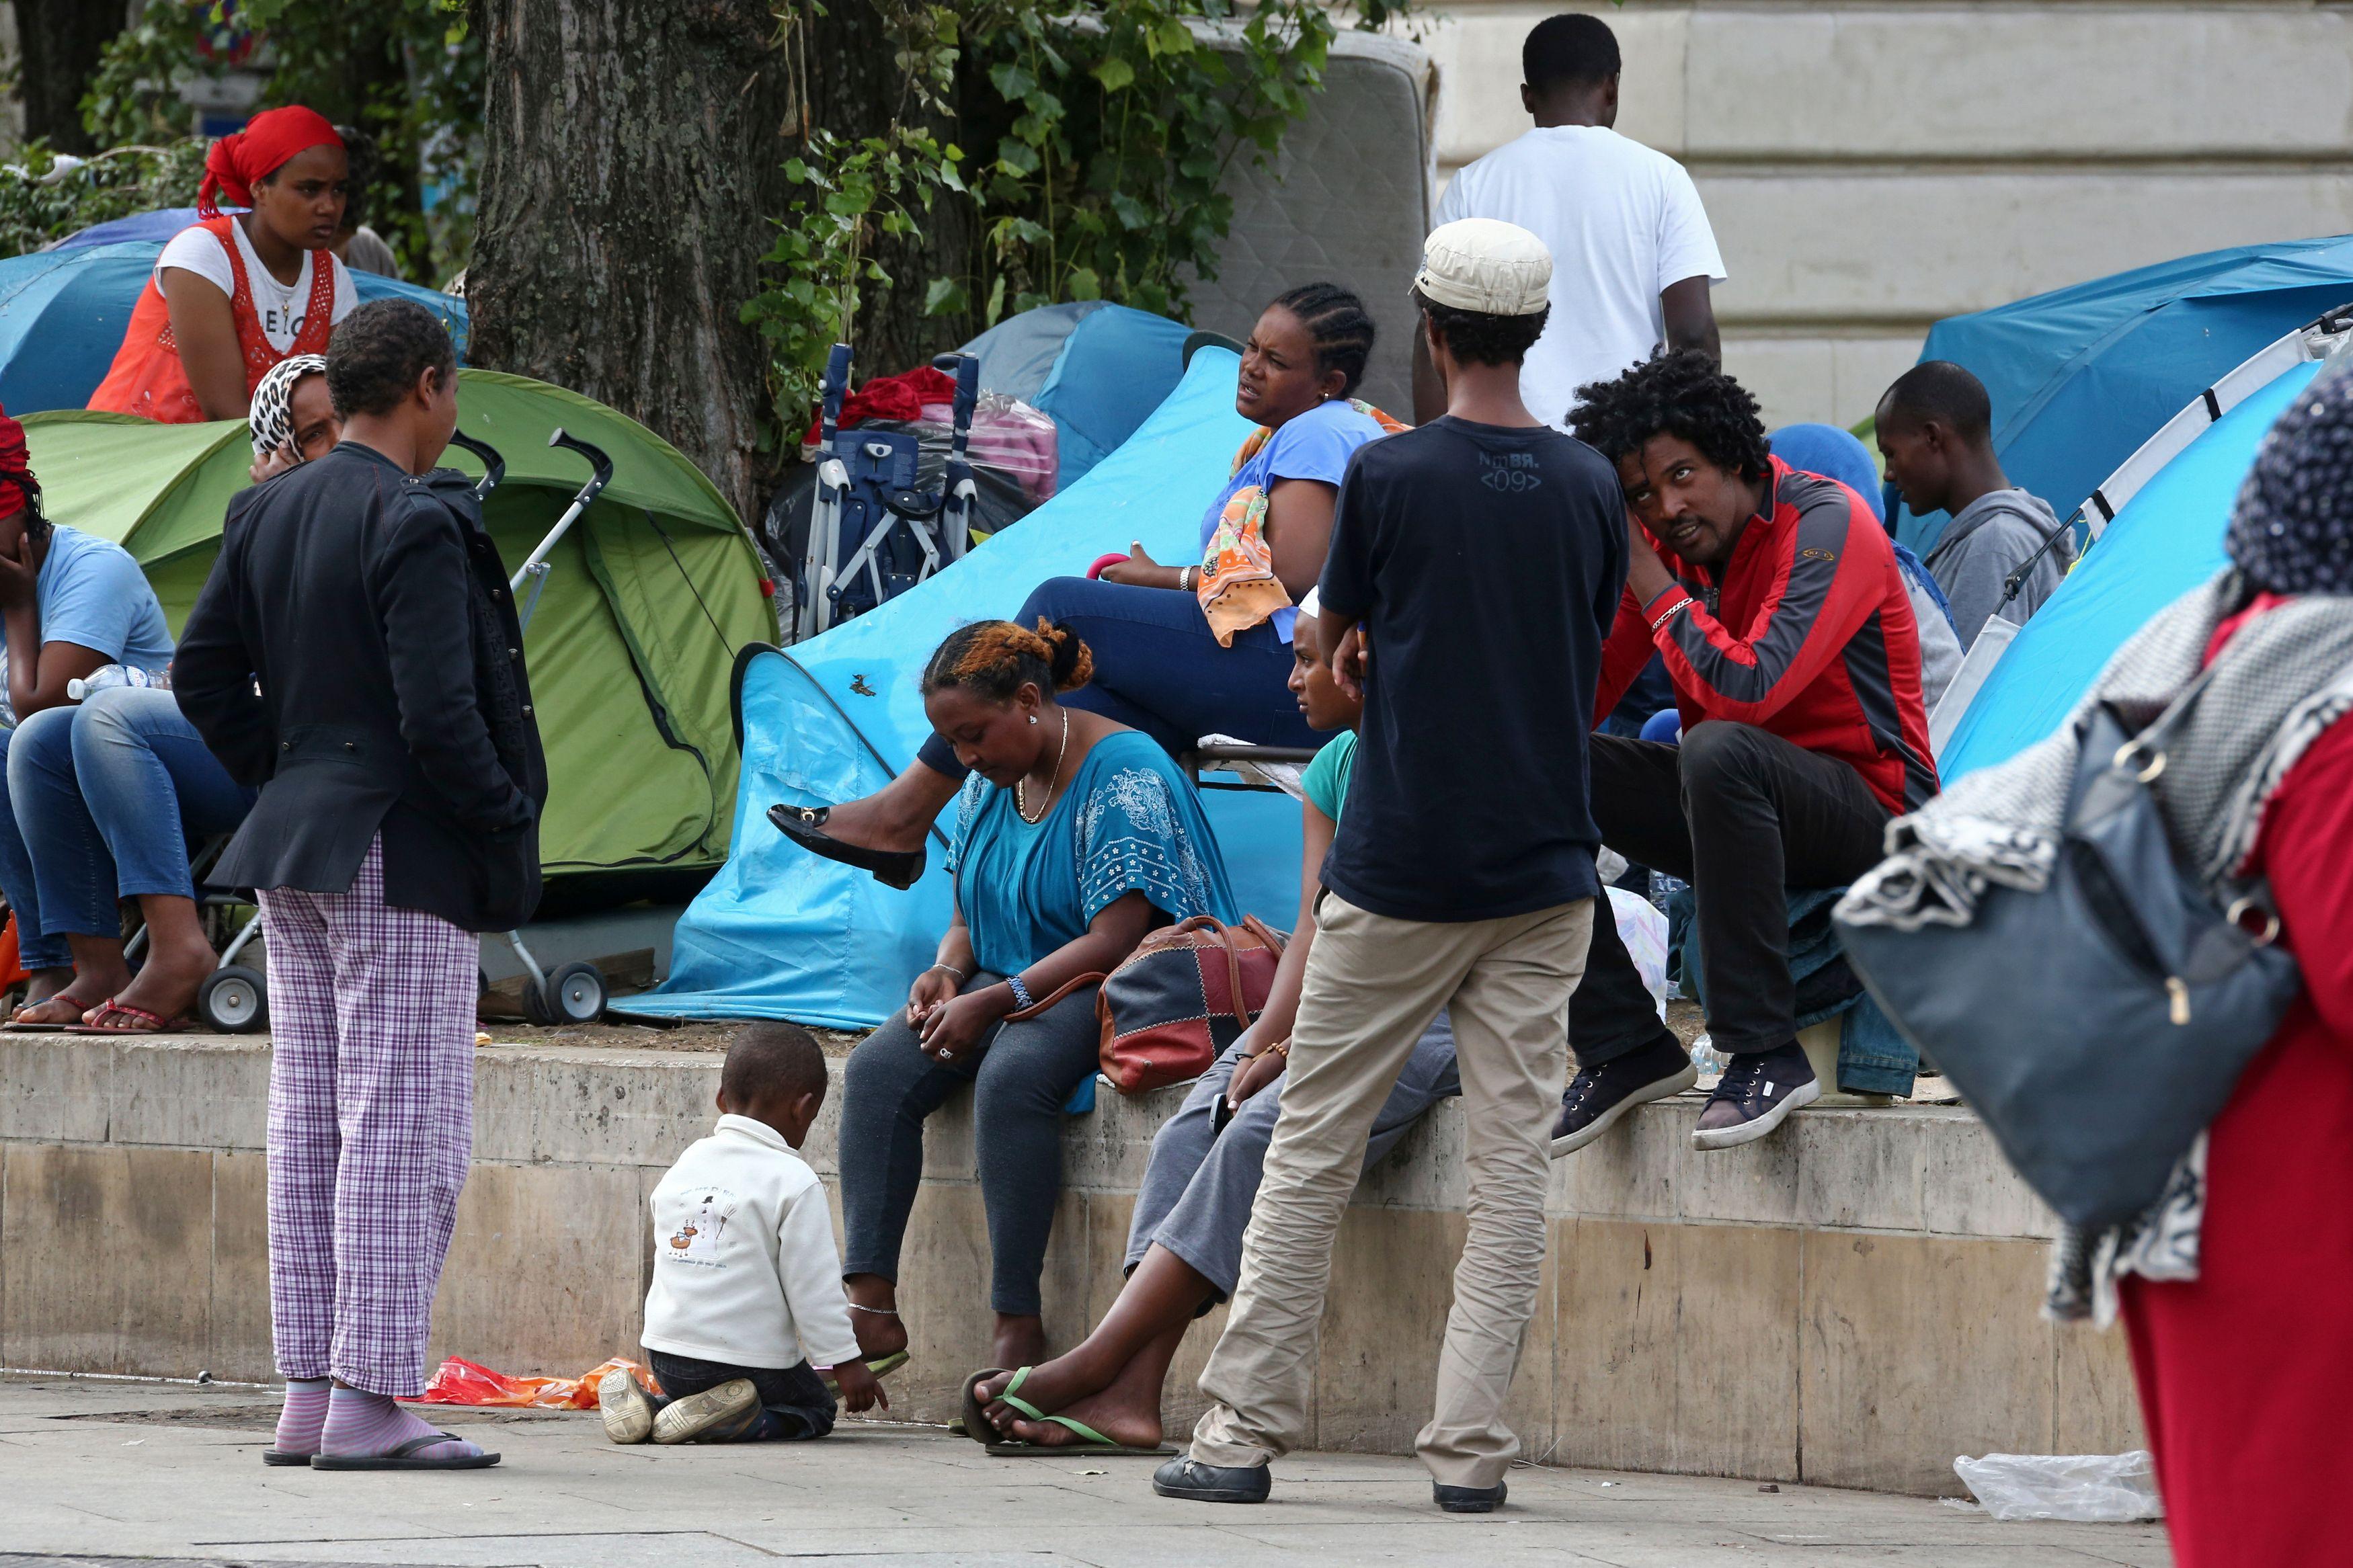 Alpes-Maritimes : des associations ouvrent illégalement un lieu d'accueil pour les réfugiés